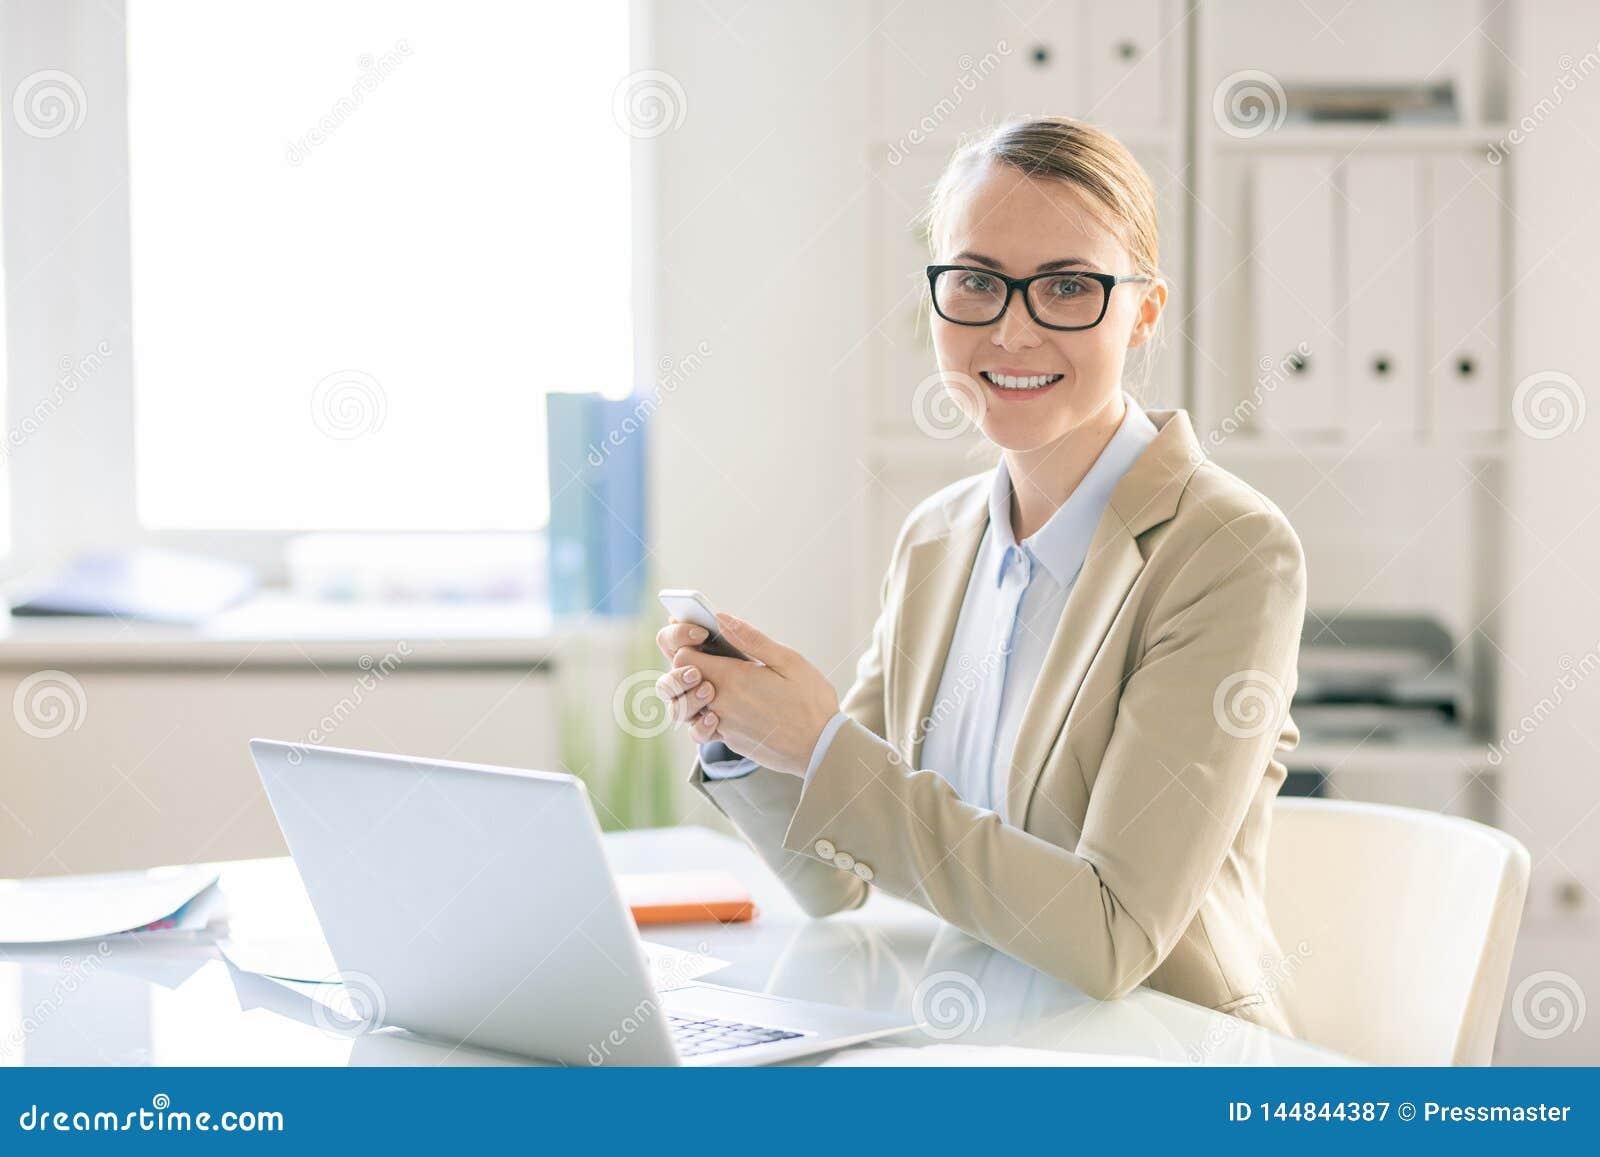 Porträt des erfolgreichen Managers im Büro